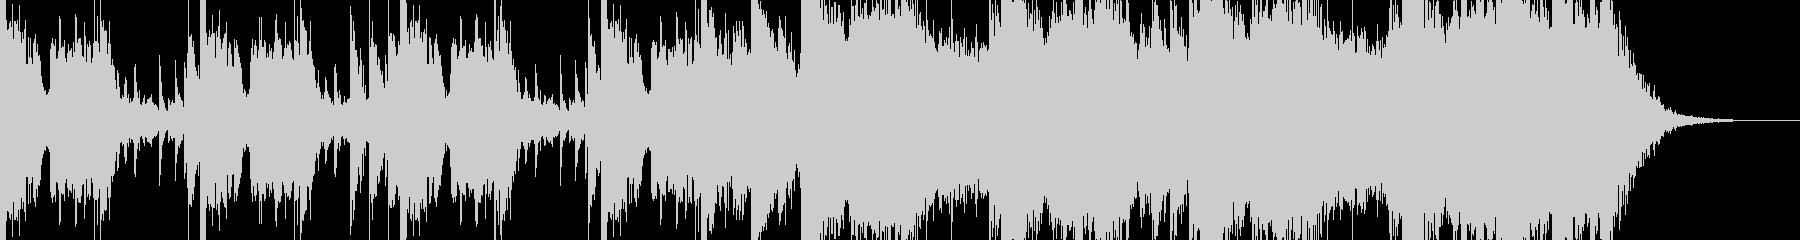 壮大なシネマティックなジングルの未再生の波形